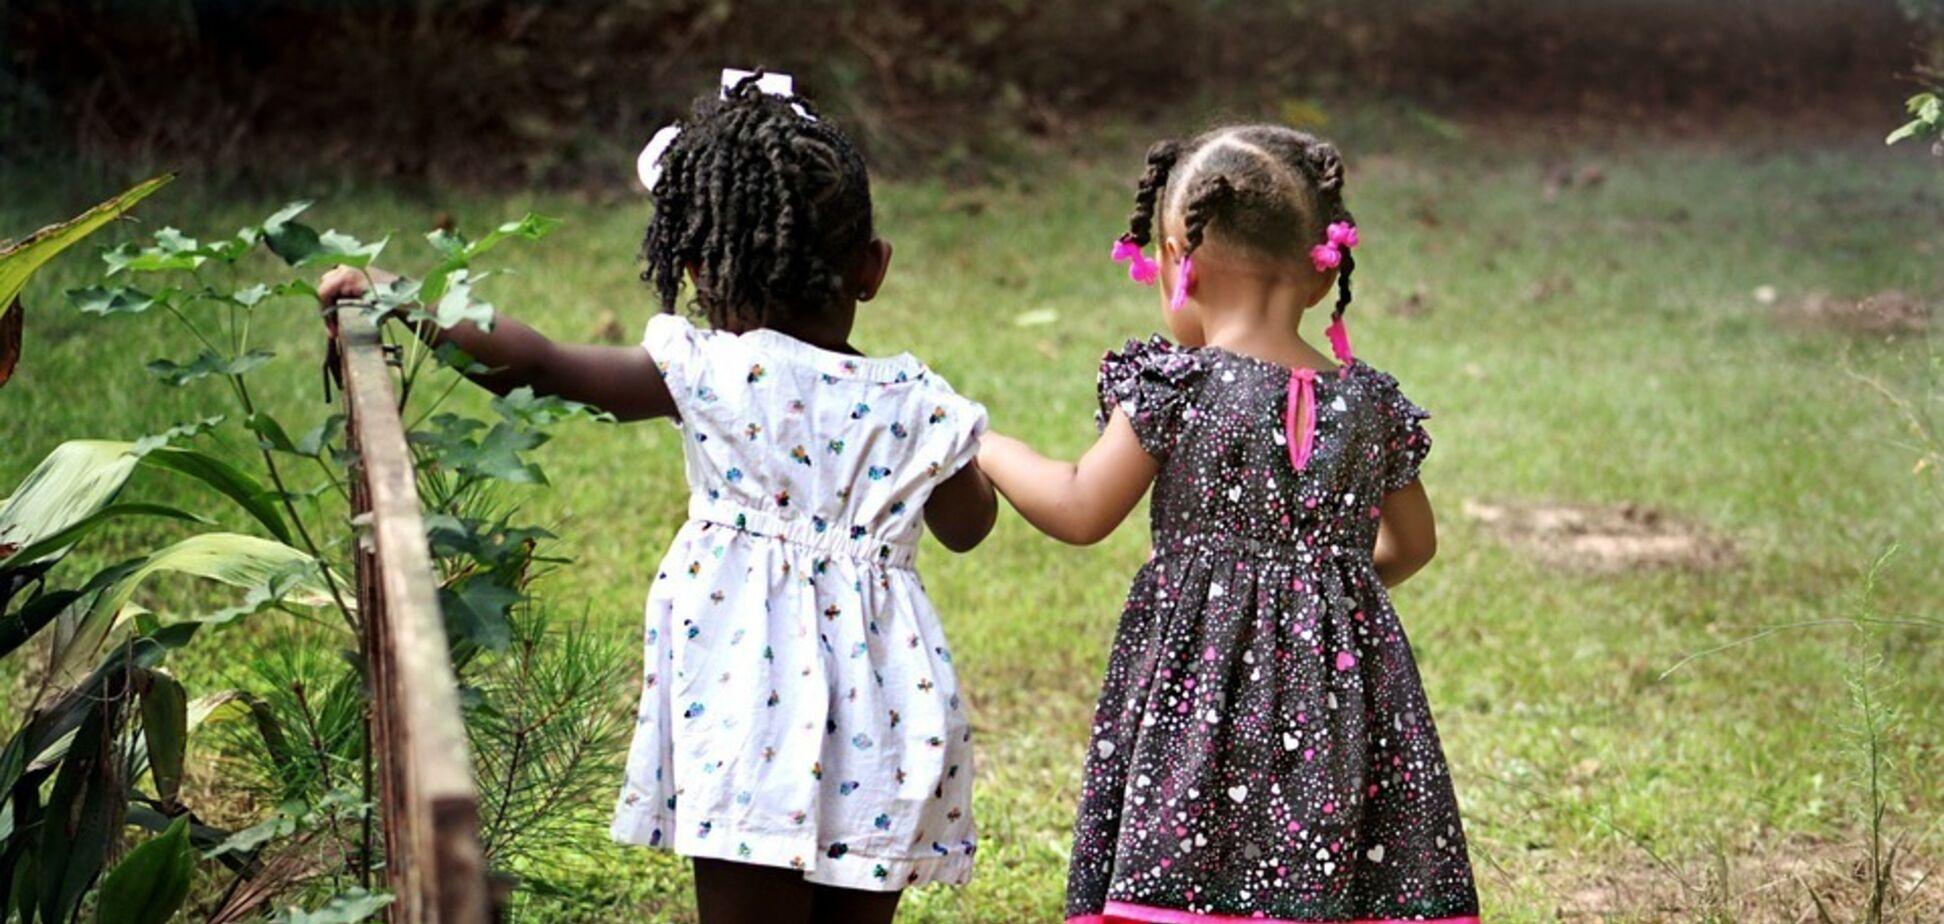 Всесвітній день дівчаток 2019: кращі привітання зі святом